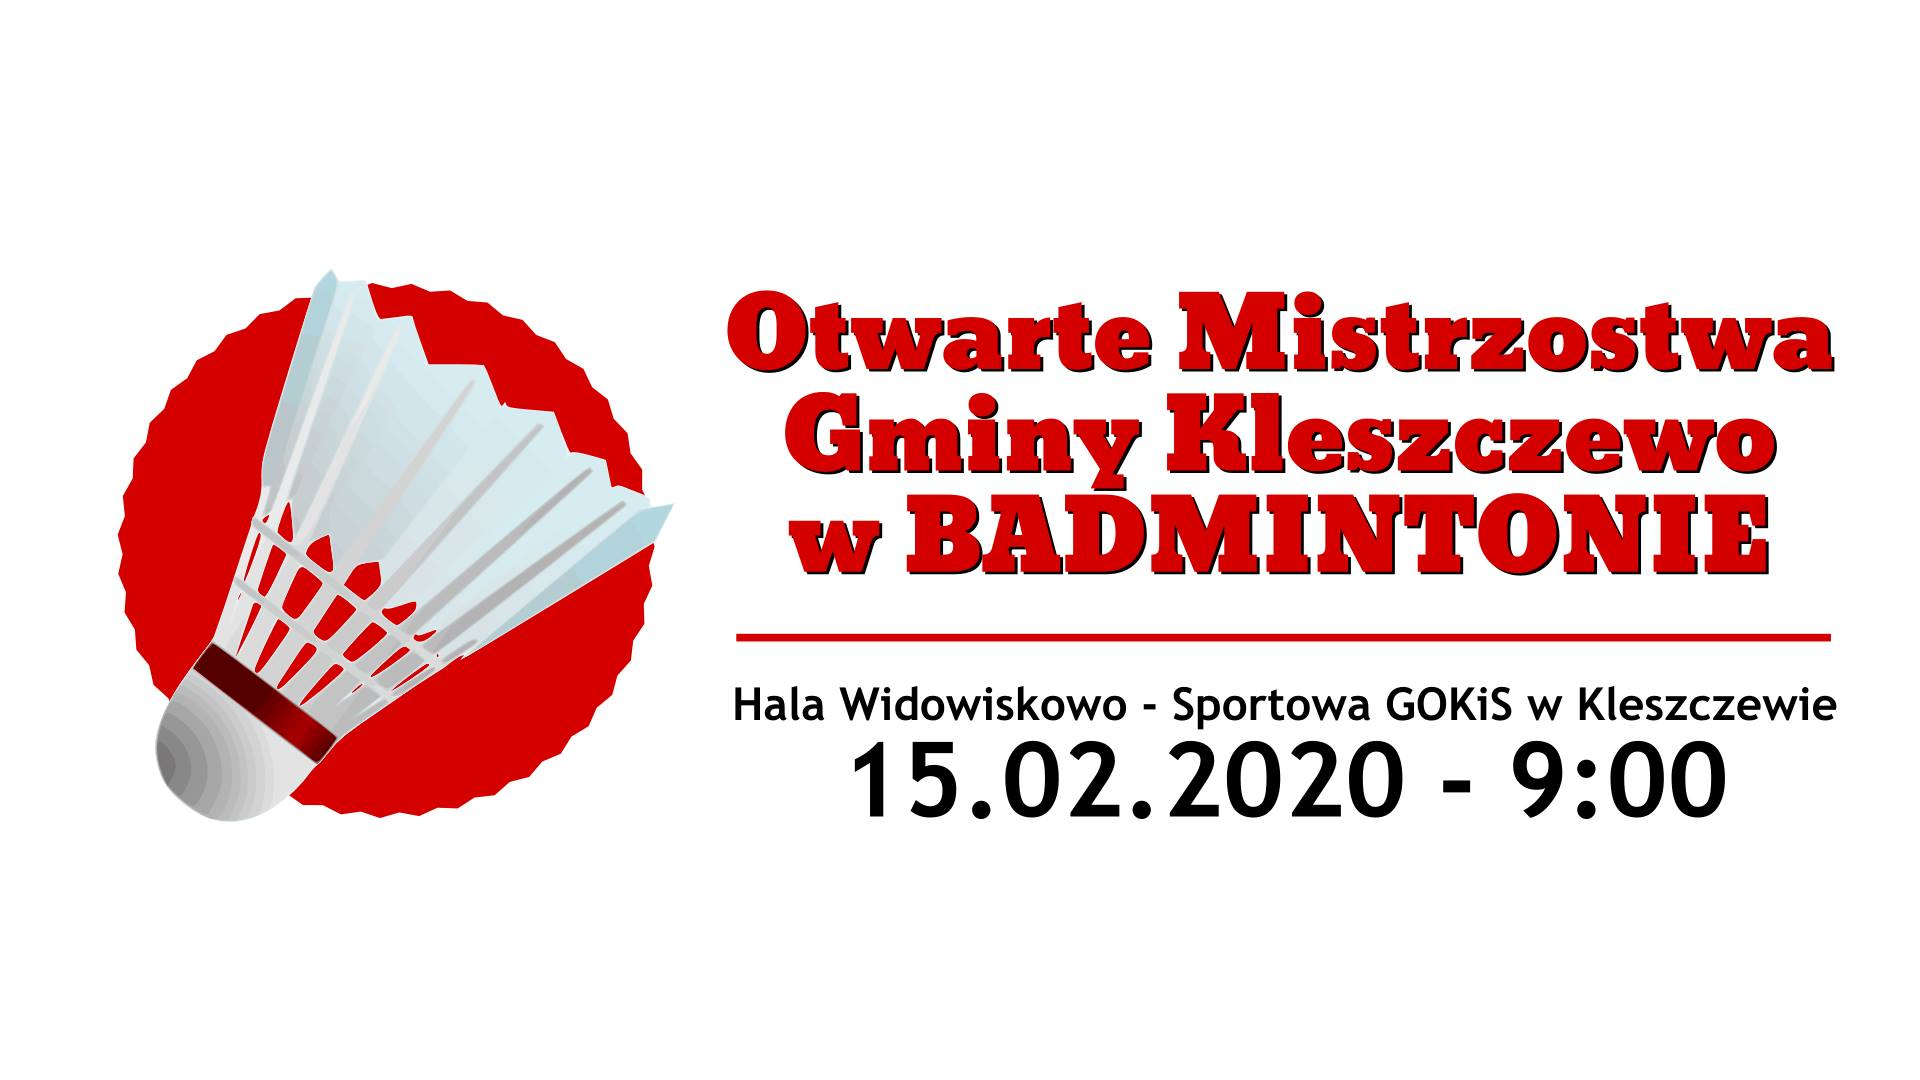 Otwarte Mistrzostwa Gminy Kleszczewo w Badmintonie 2020